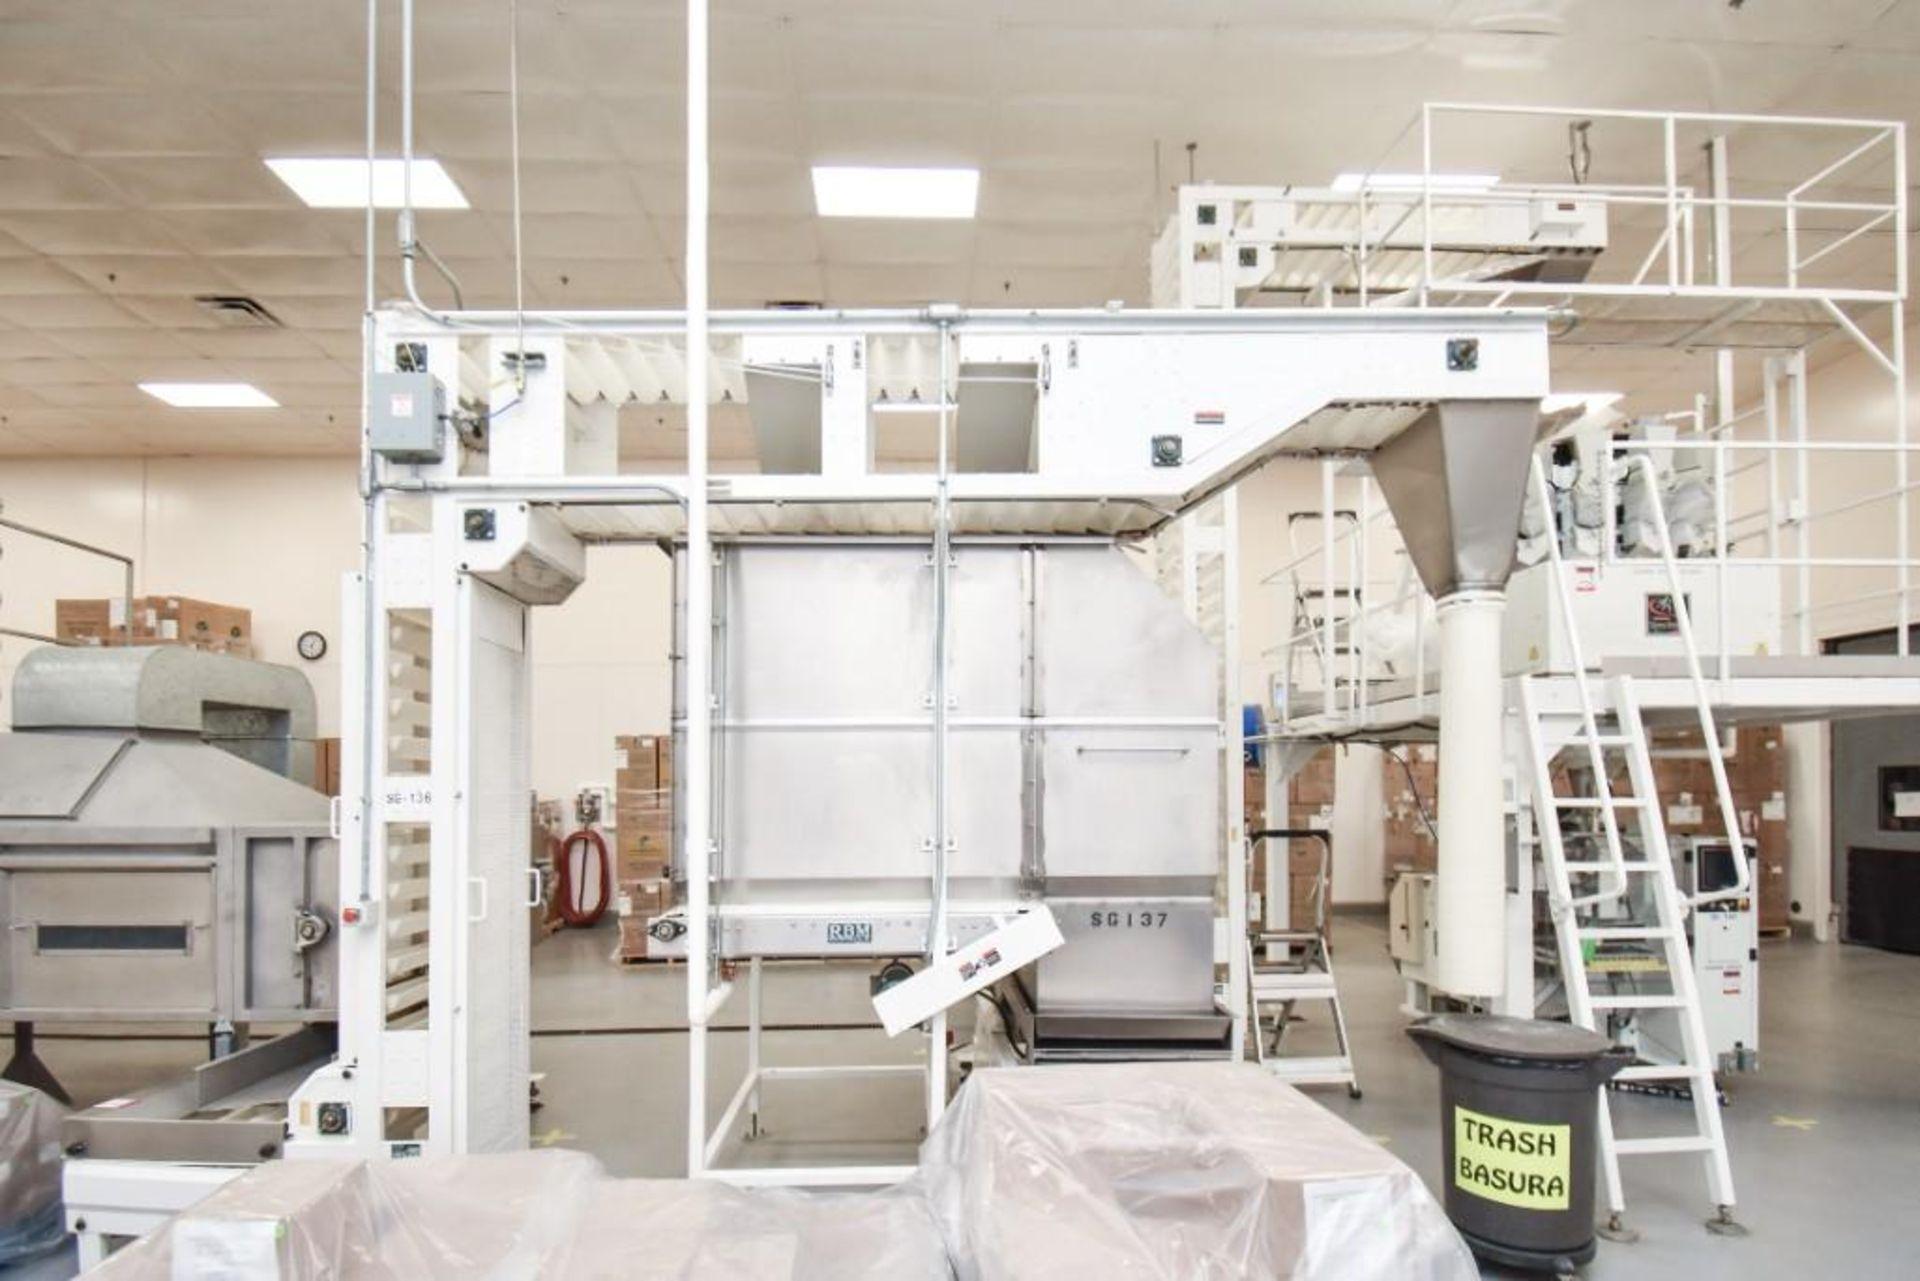 RBM Bucket Elevator LD100-18 2SD - Image 2 of 6